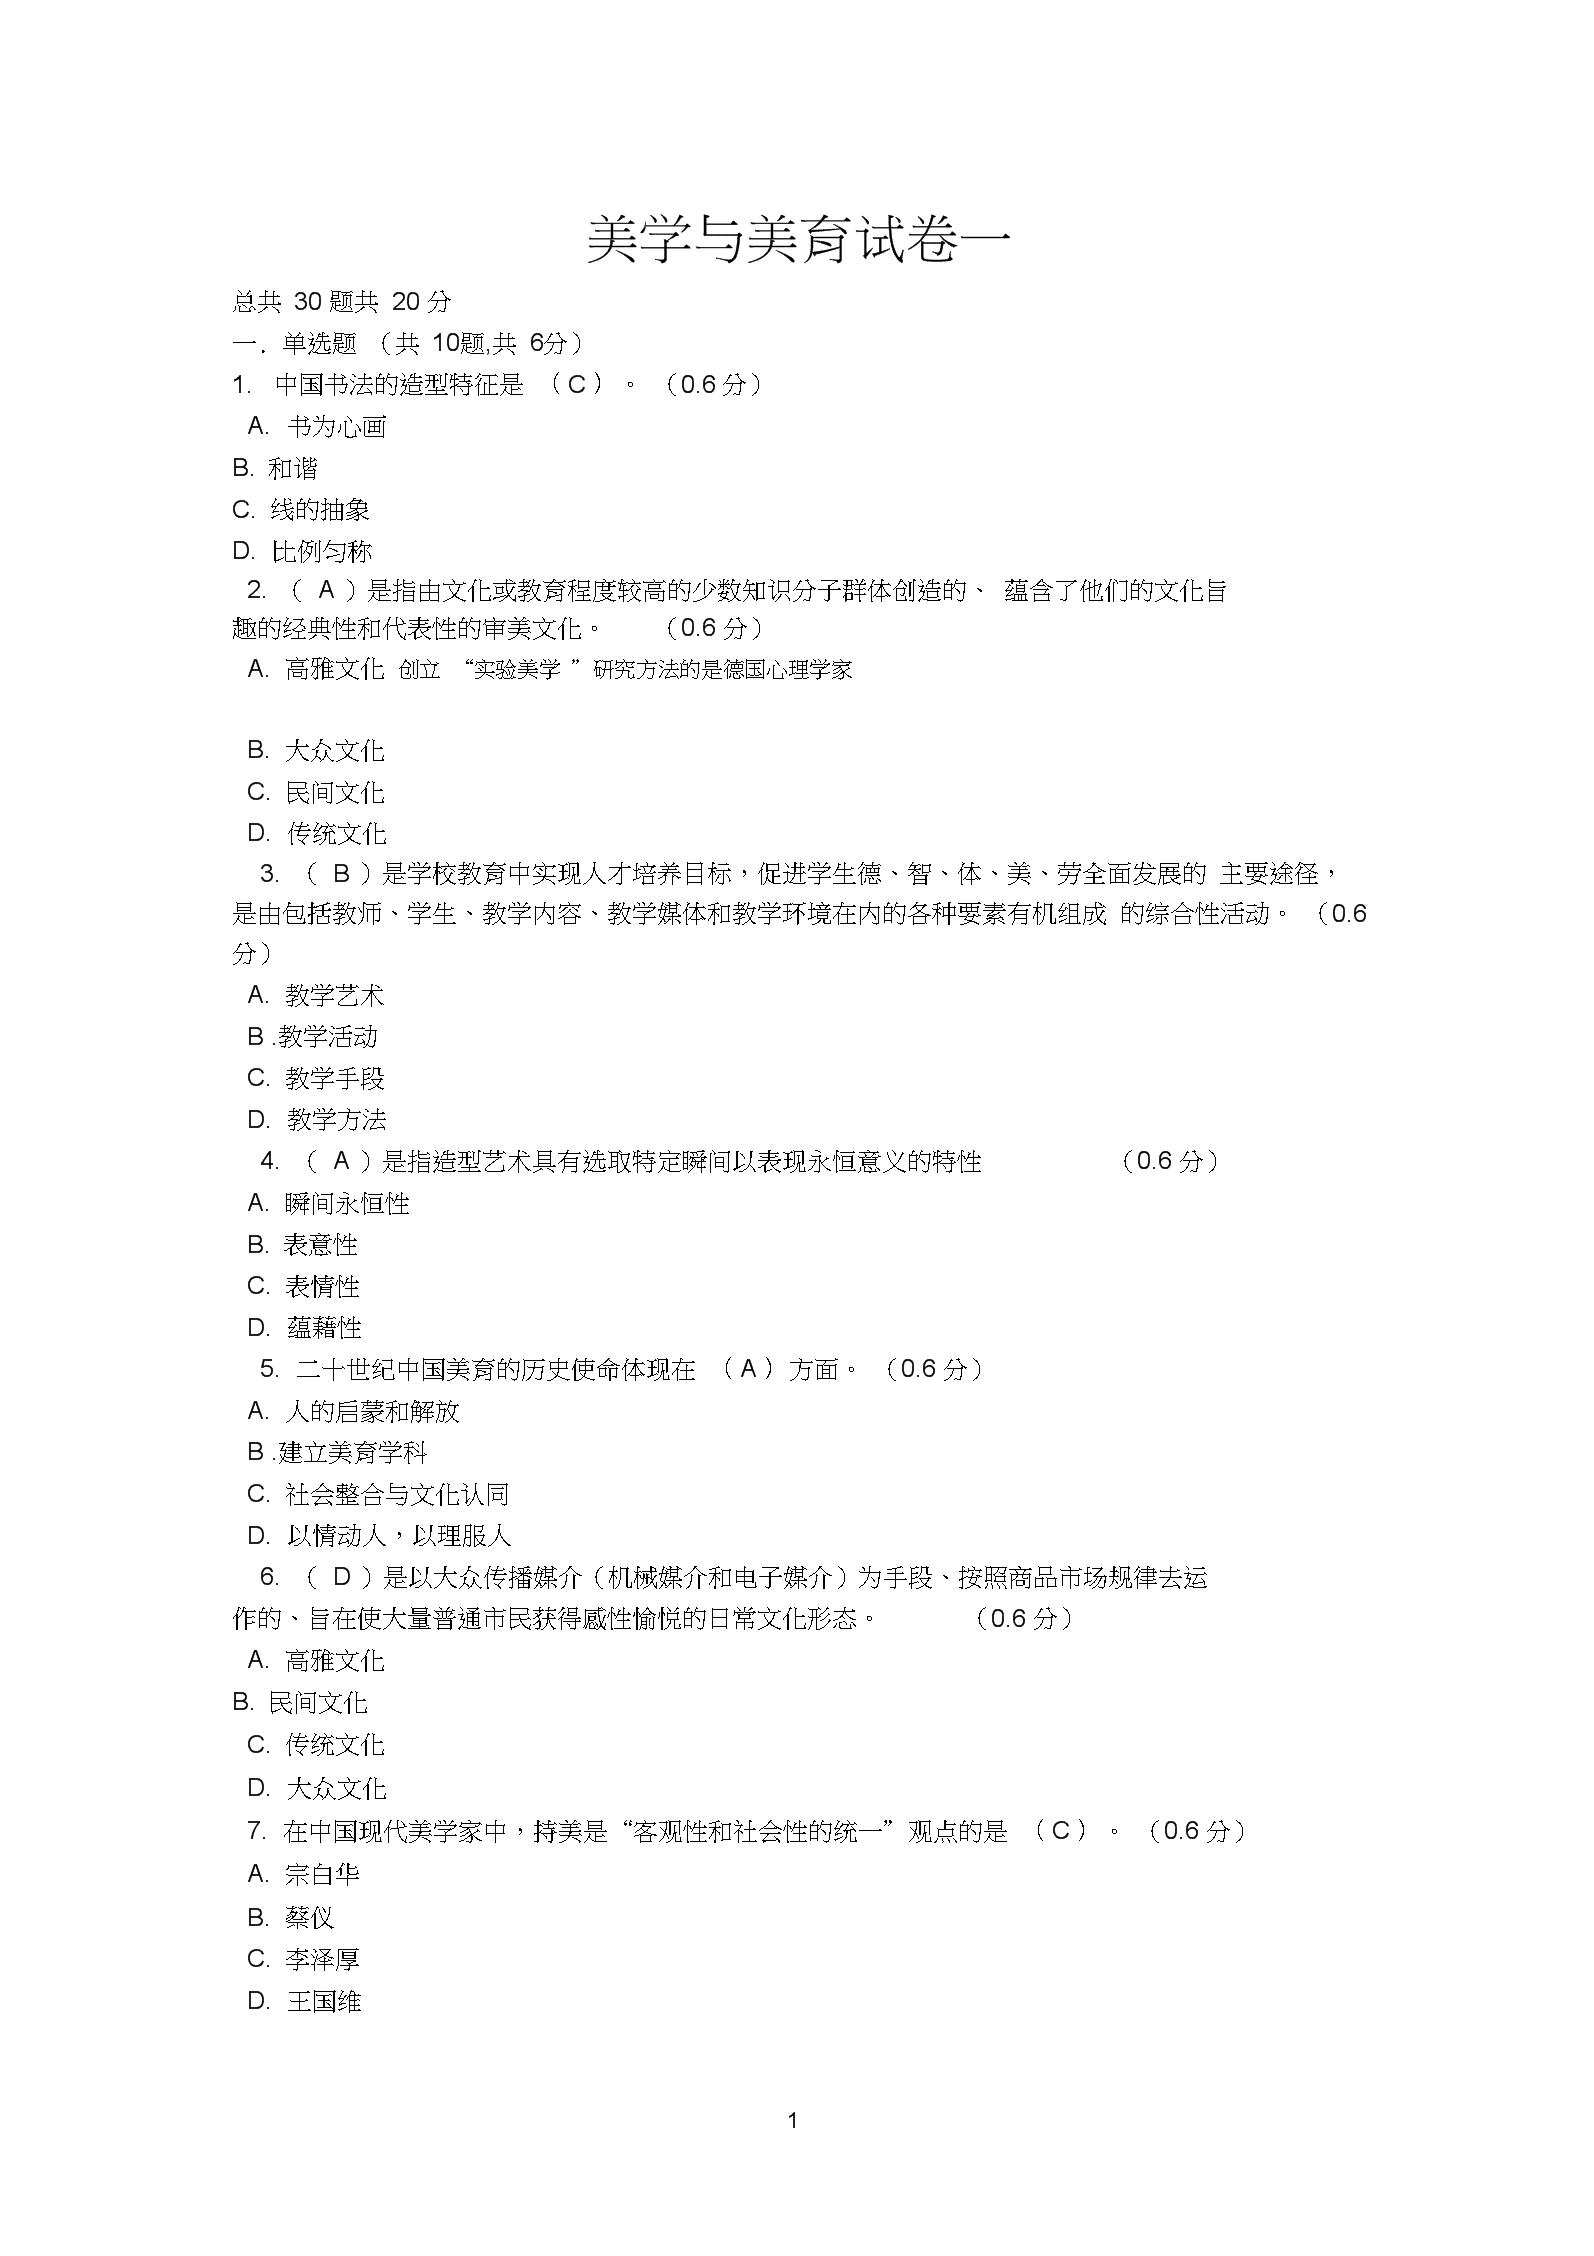 美学与美育考试汇总.docx